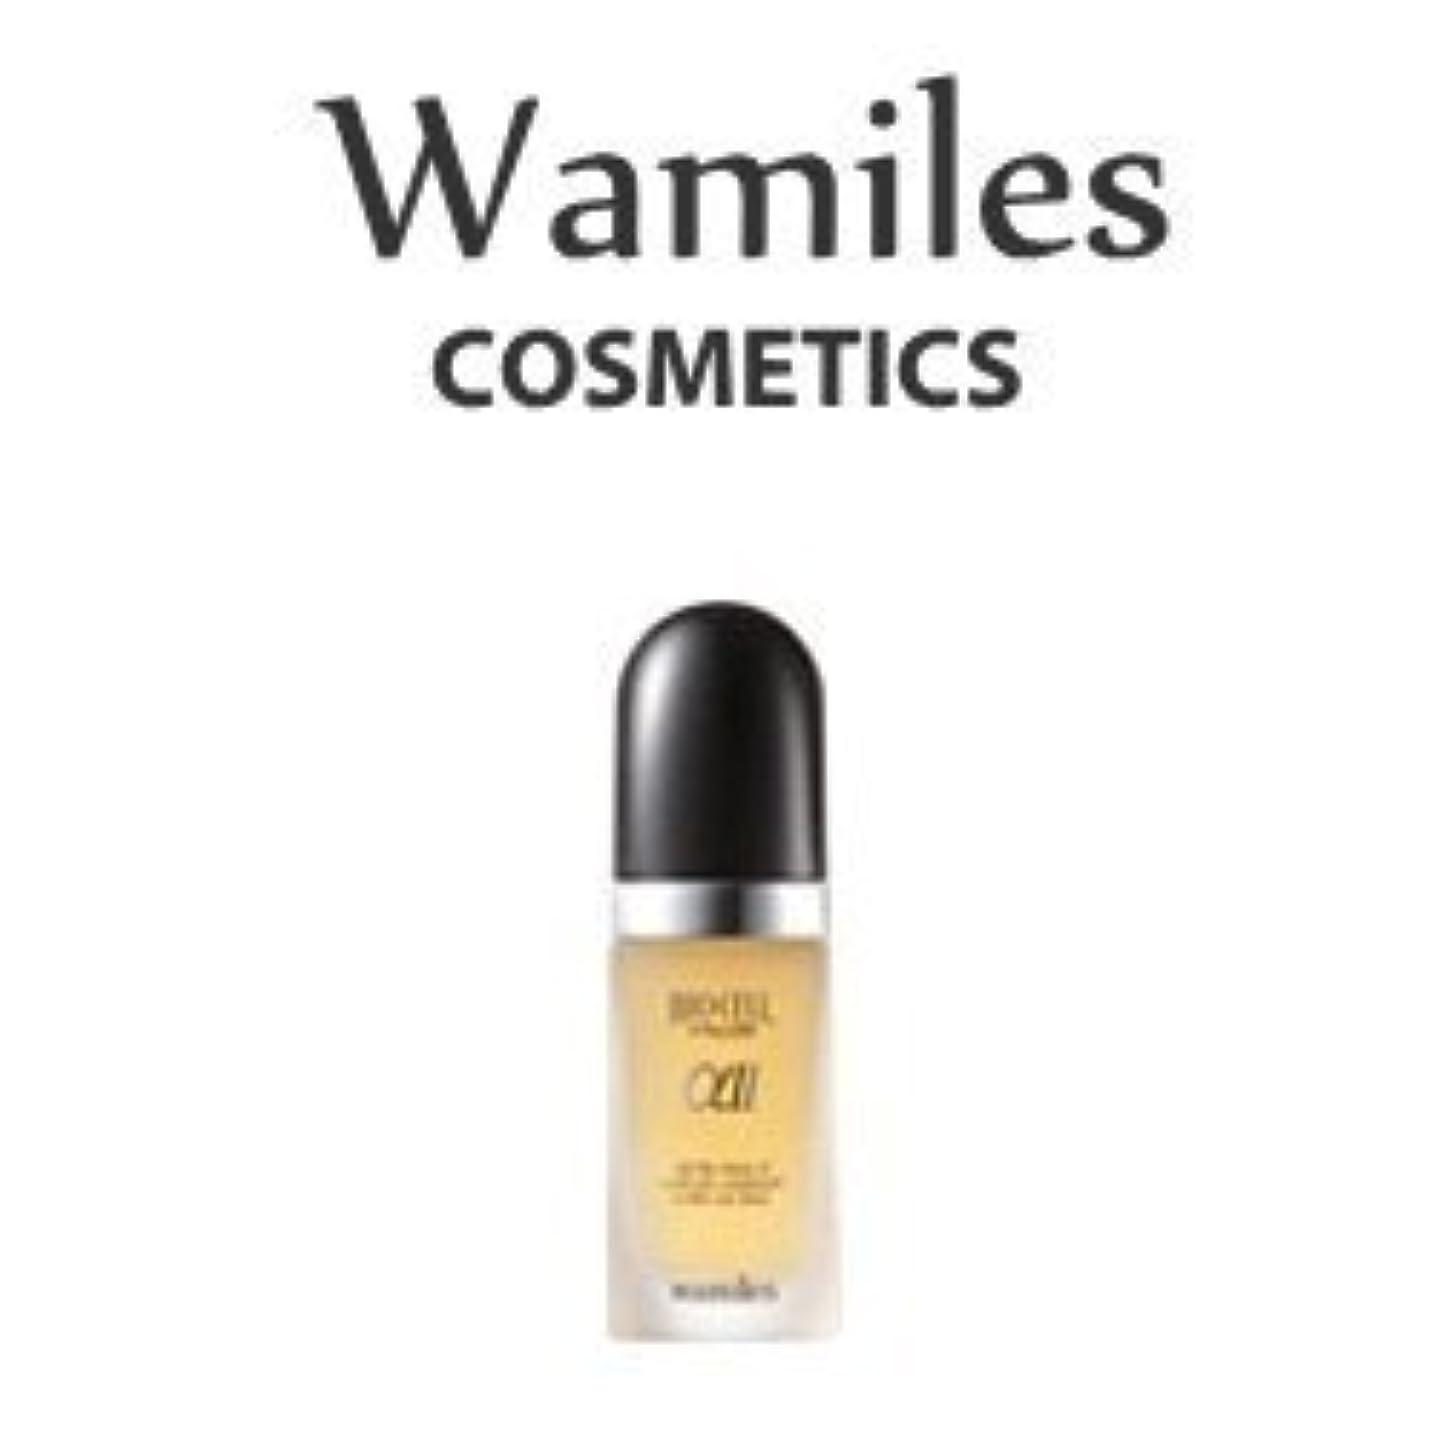 修正する服相手wamiles/ワミレス ビオセル バイタライザーα2 38ml 美容 化粧水